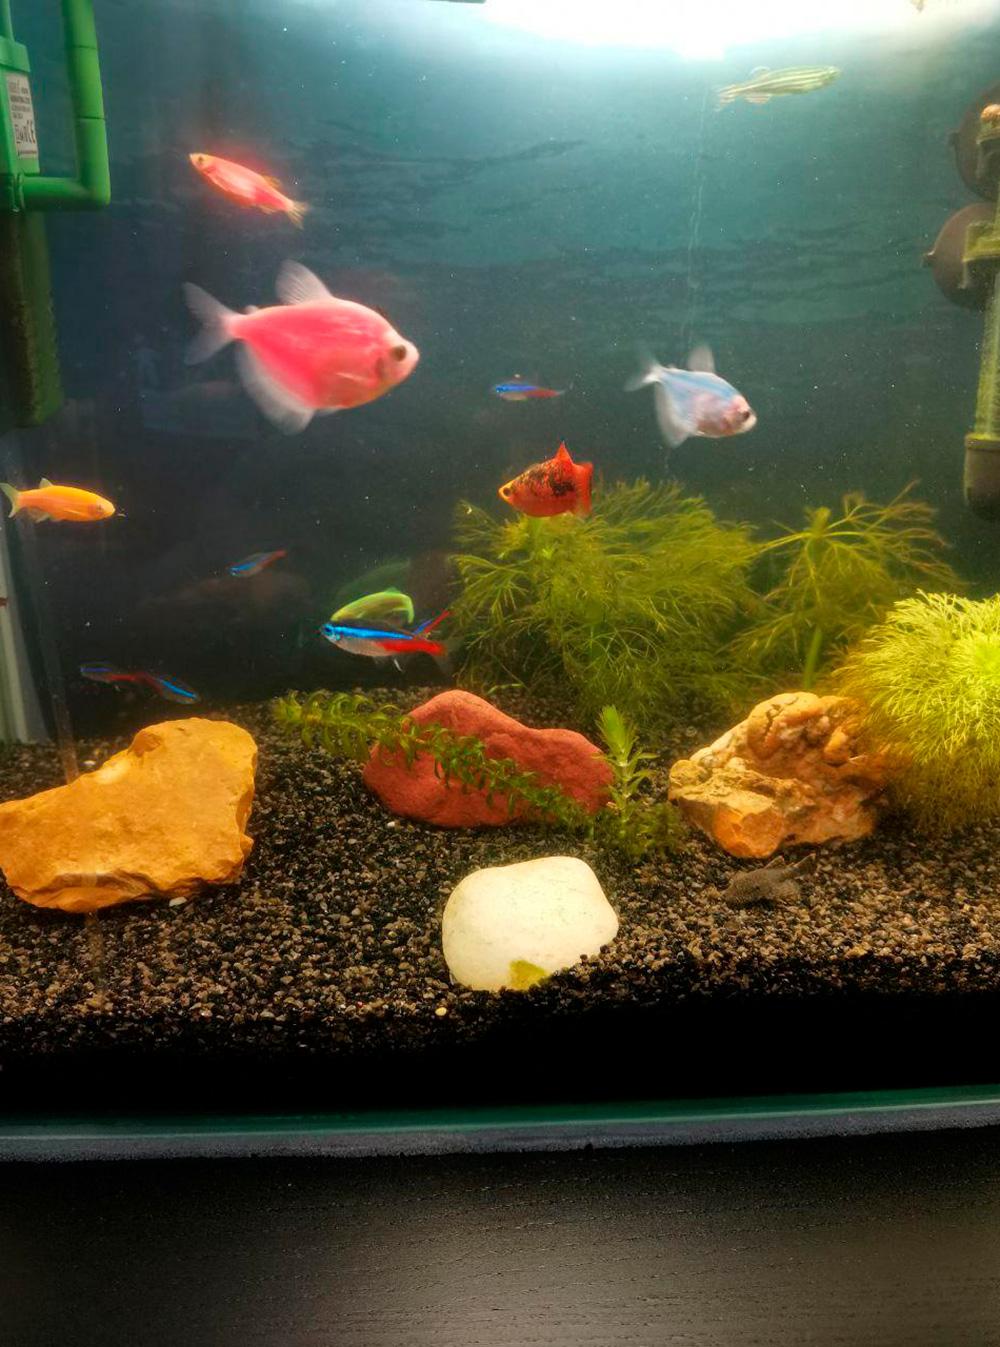 Пока меня не было дома, Р. занимался аквариумом с рыбками, который купил два месяца назад. Забот с аквариумом много: нужно прочищать фильтр, менять воду, чистить дно, подстригать водоросли, кормить рыб